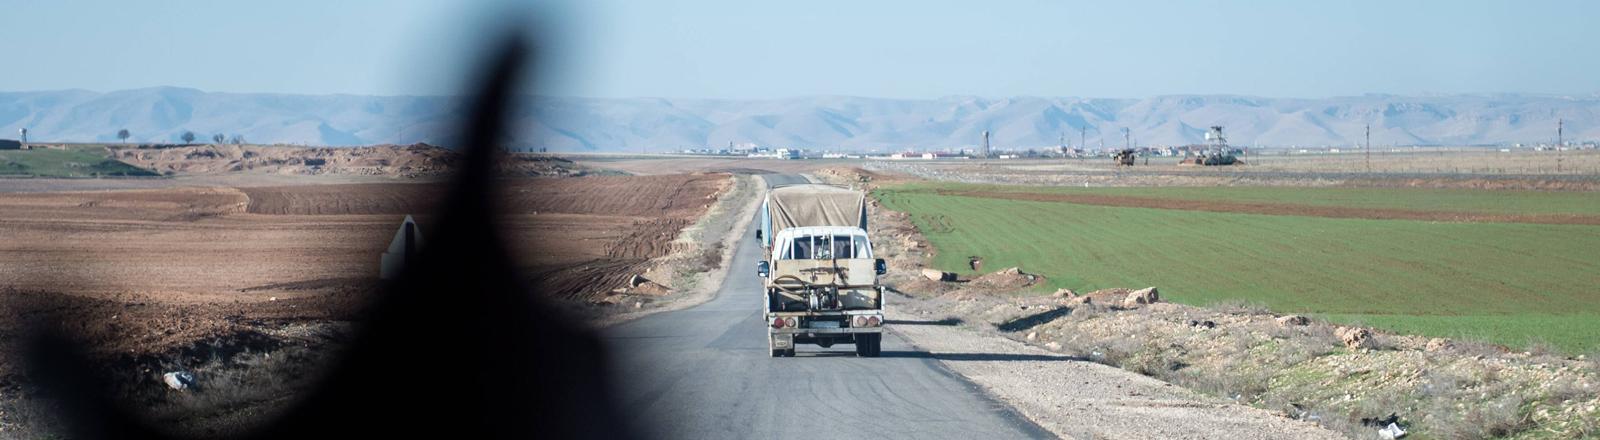 Grenzstreifen zwischen Türkei und Syrien. Auf der Seite der Türkei ist eine Unmenge an Natodraht installiert und alles vermint worden.